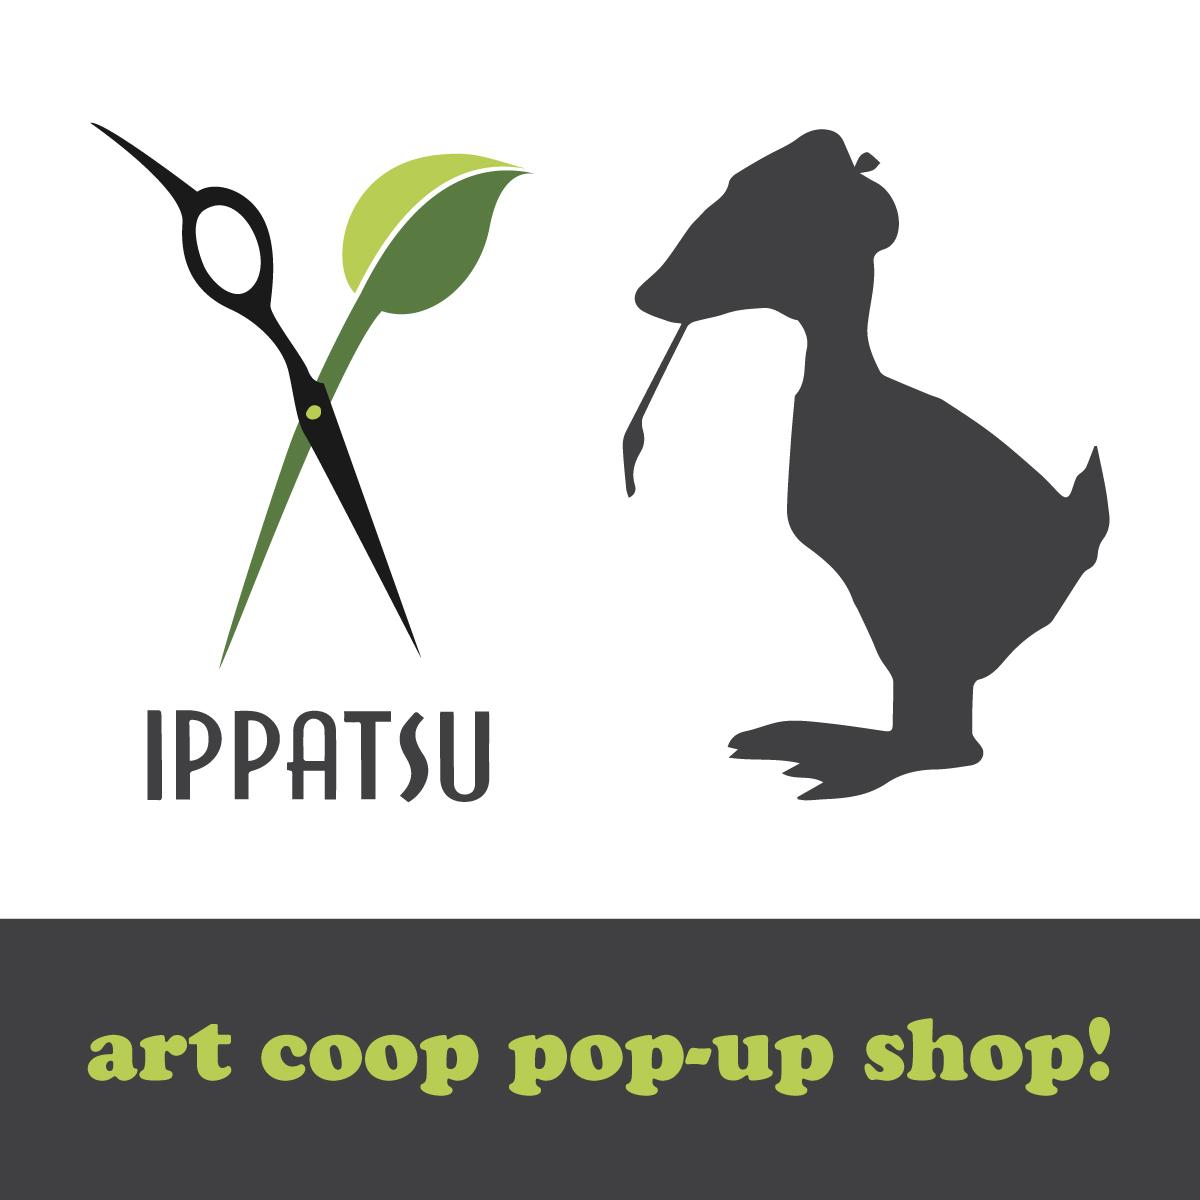 Ippatsu Pop-Up Shop Kit #8